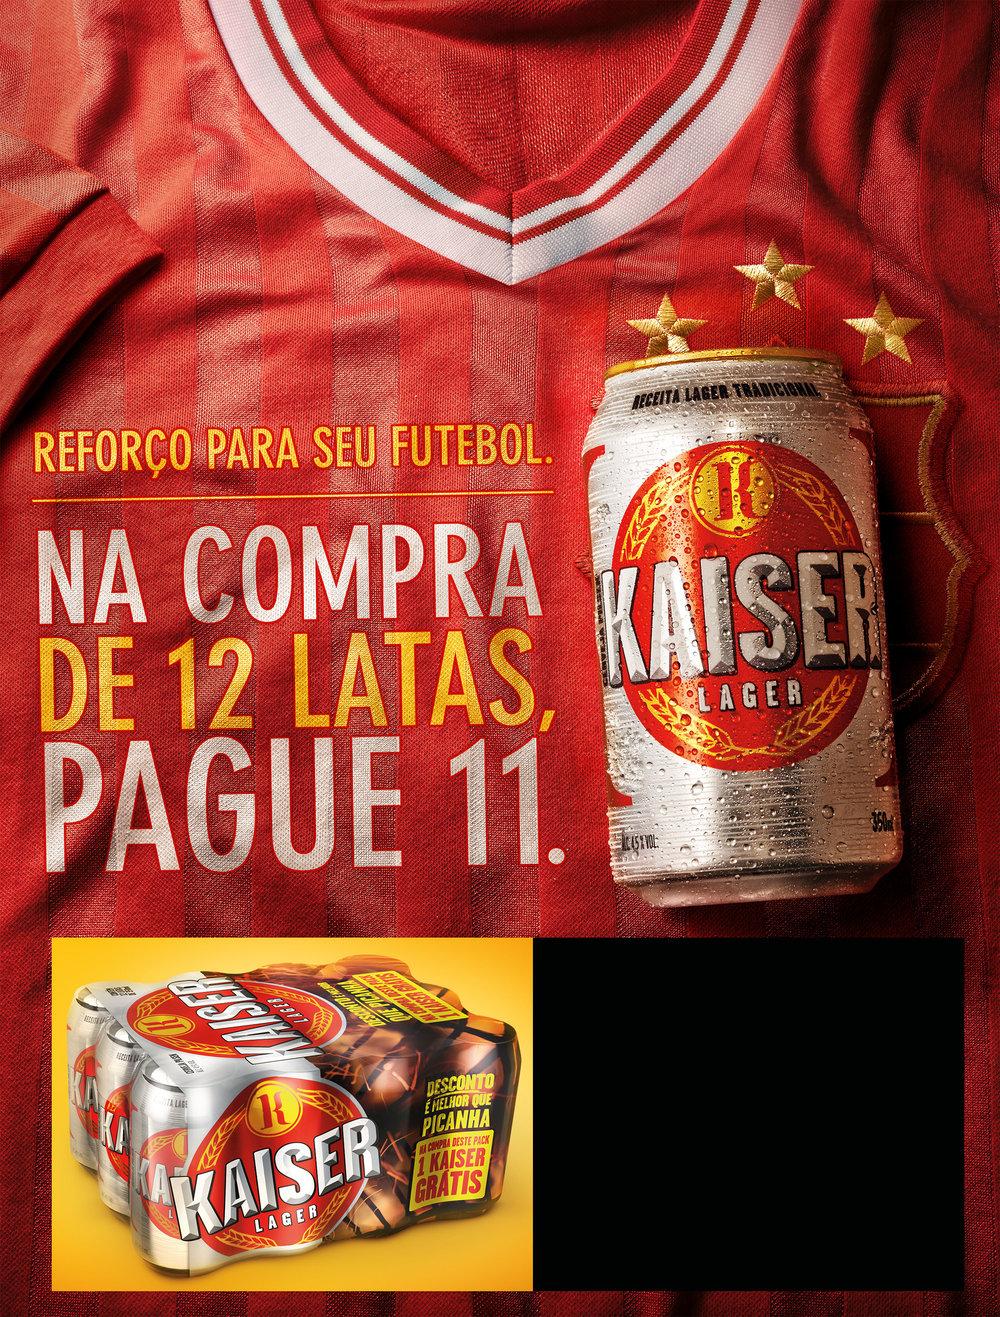 Kaiser-Montagem-Futebol.jpg